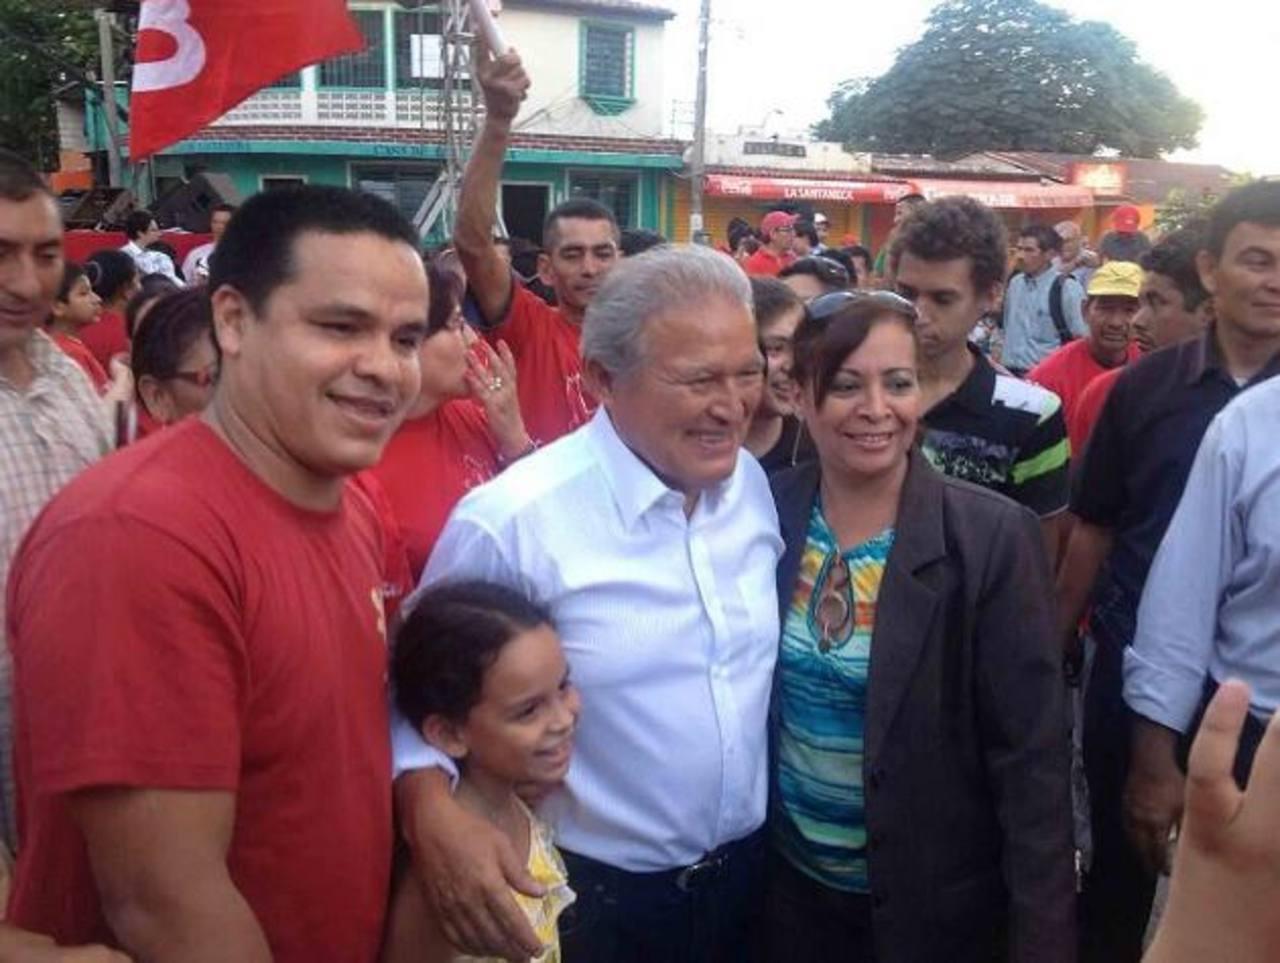 El aspirante a la presidencia de la república por el FMLN, captado en un recorrido de su campaña política. Foto EDH / archivo